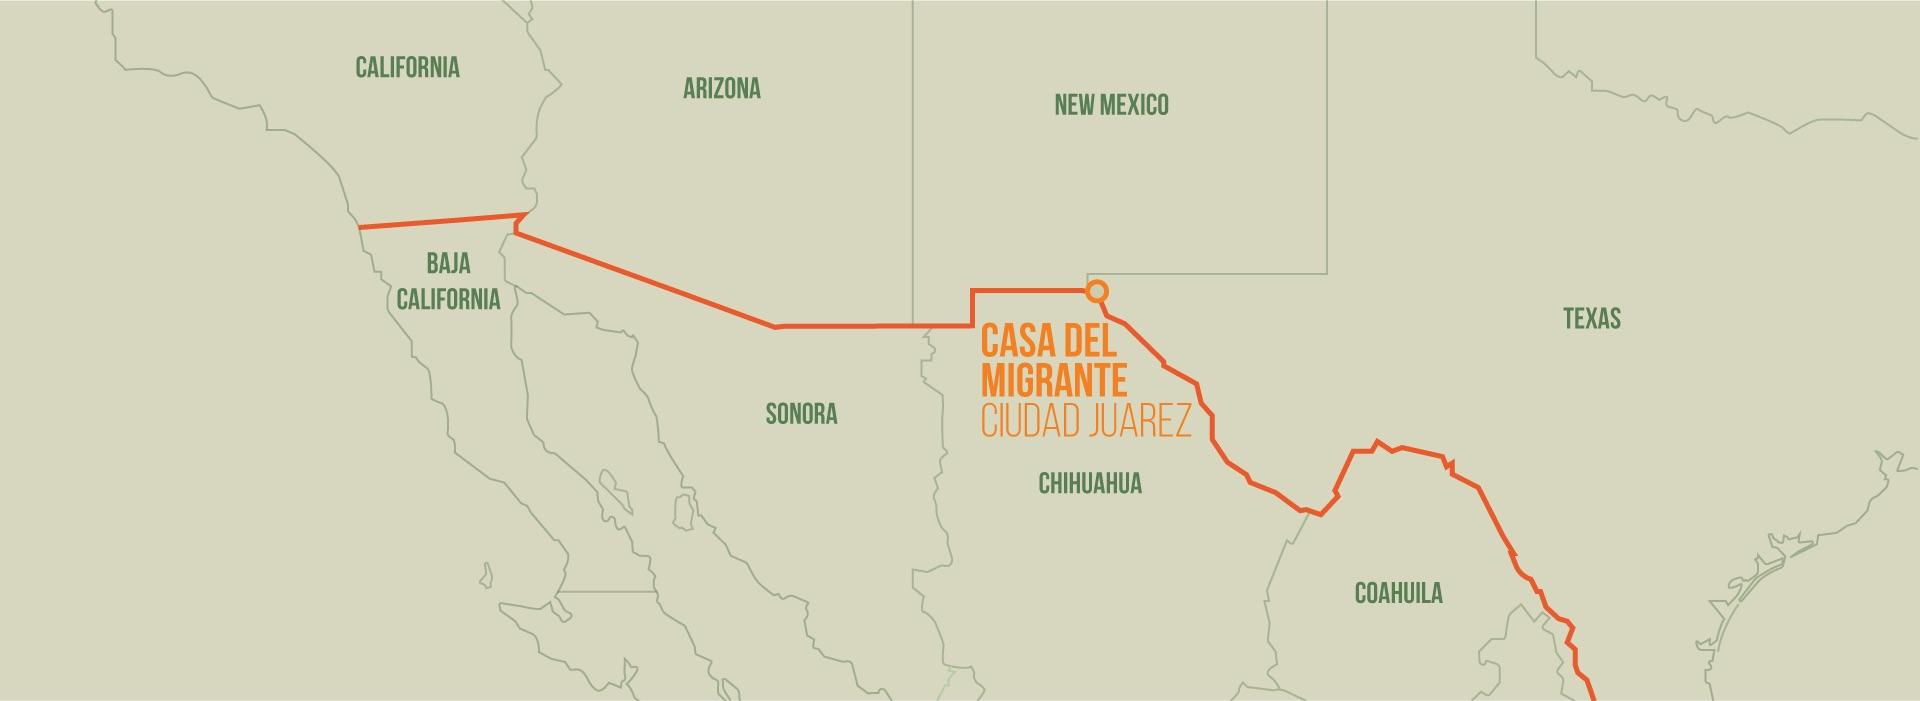 Casa del Migrante, Ciudad Juarez, Chihuahua, Mexico. Mallory Short—The Drive